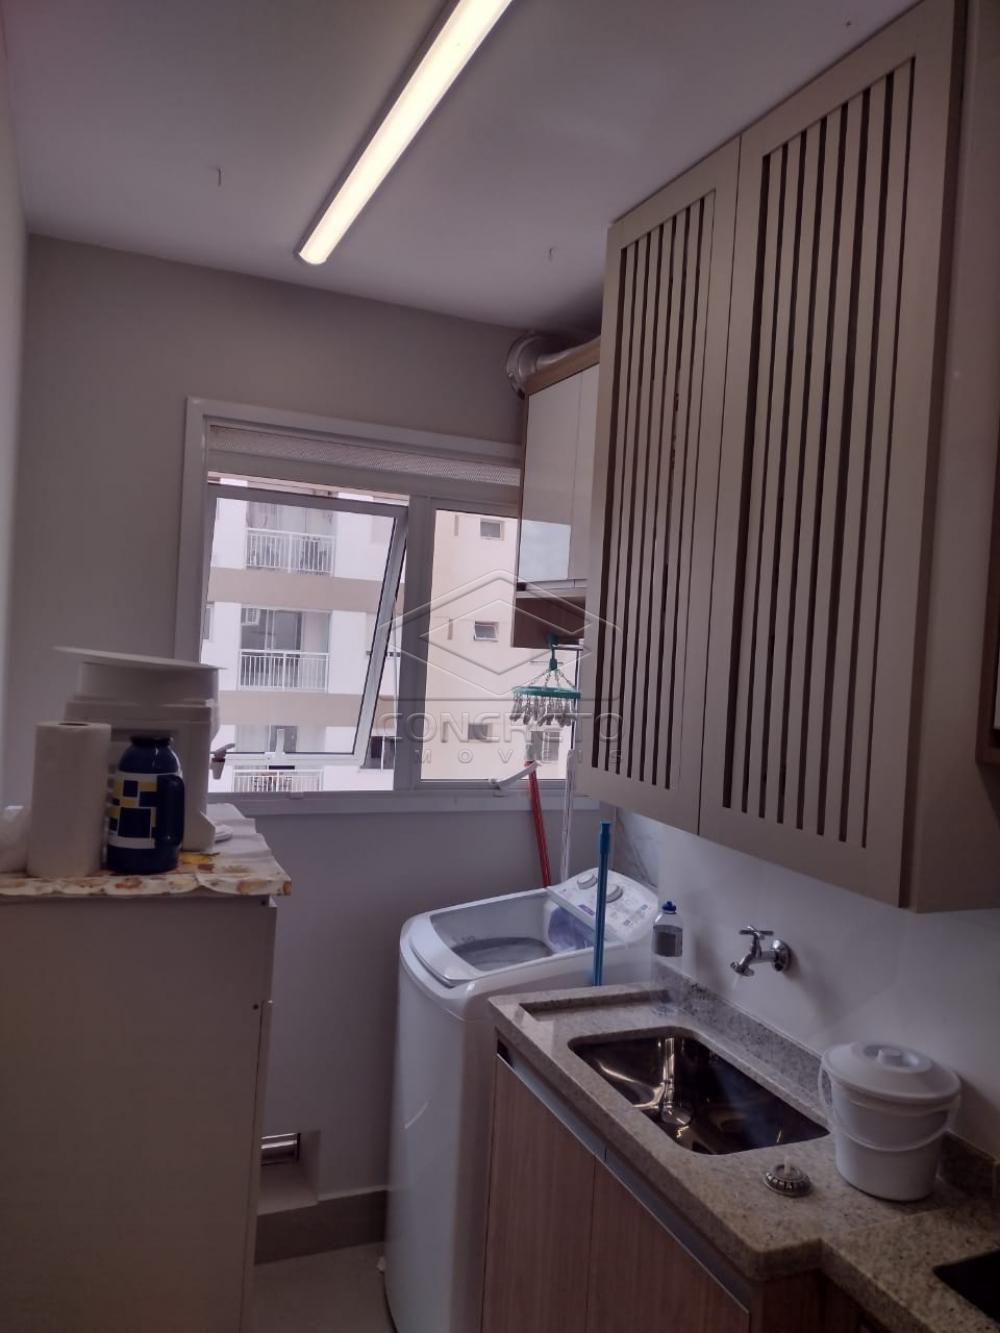 Comprar Apartamento / Padrão em Bauru apenas R$ 400.000,00 - Foto 7